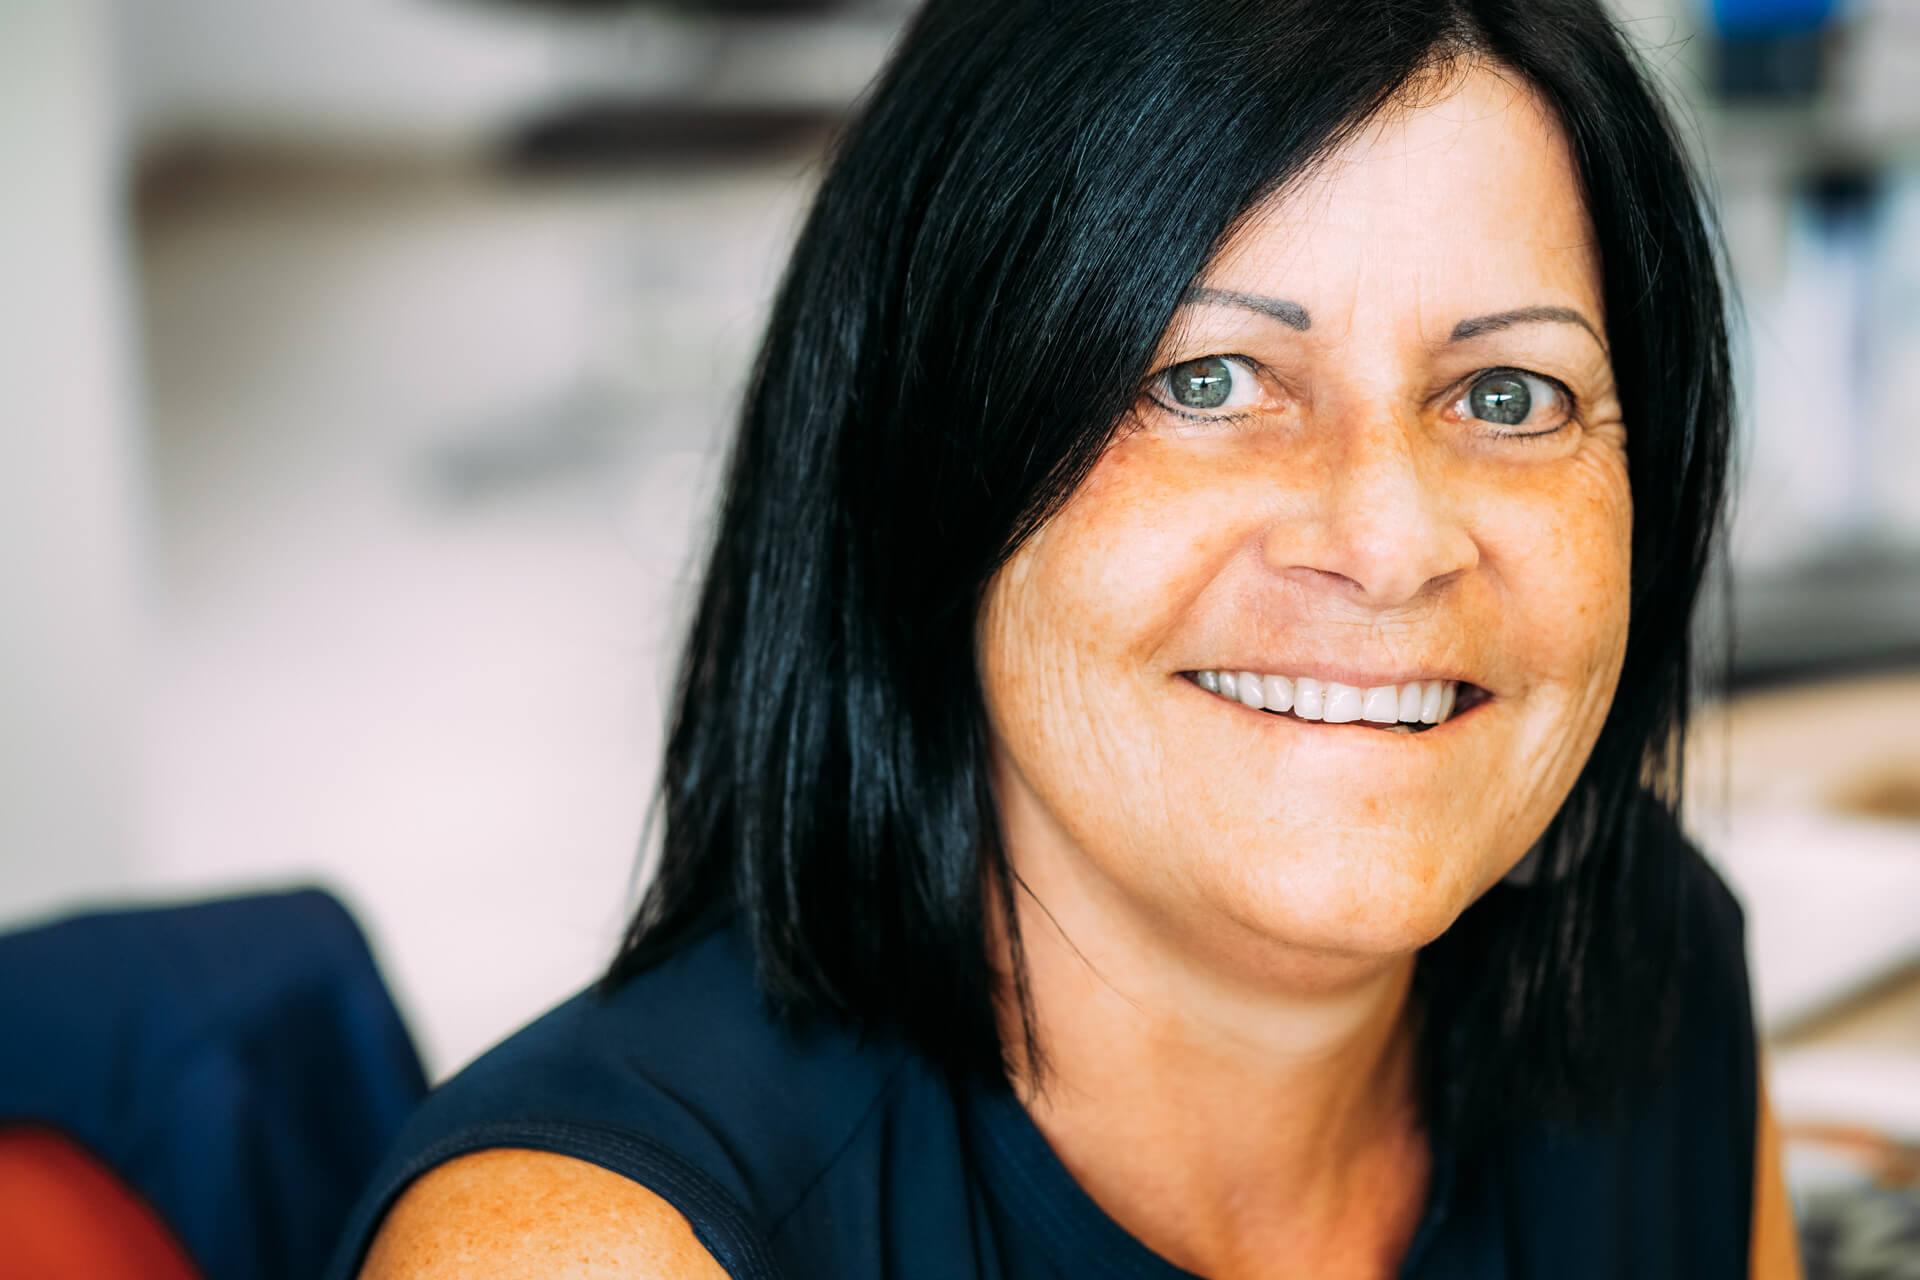 Roswitha Dötlinger